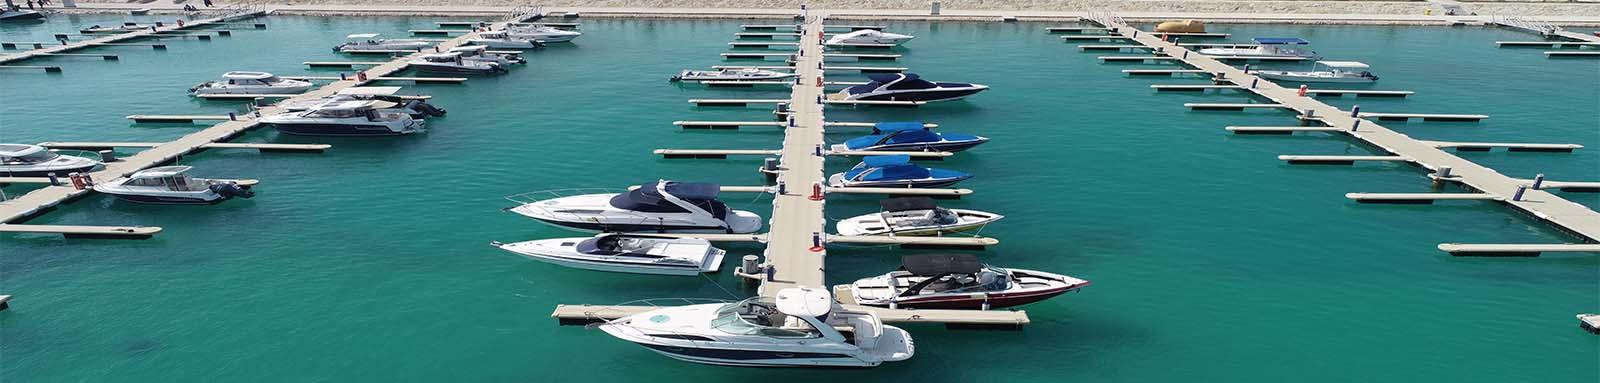 پارکینگ شناورهای دریایی